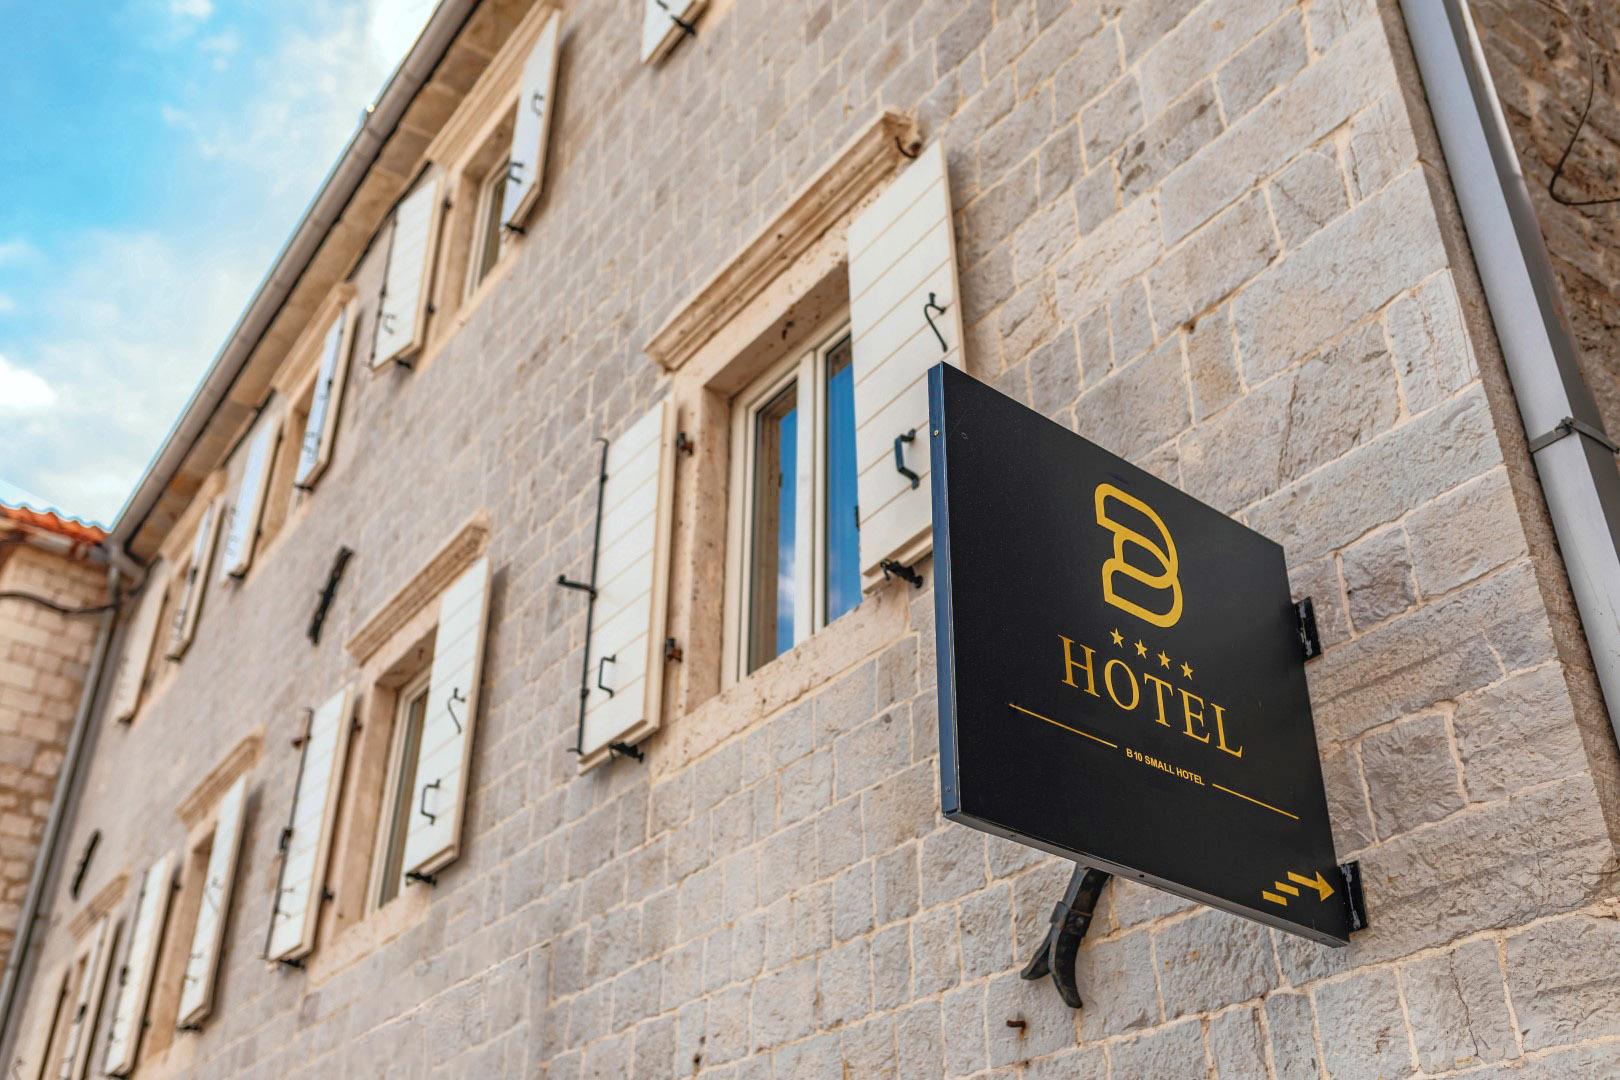 Herceg Novi, Kamenari – luxury 4 stars boutique hotel